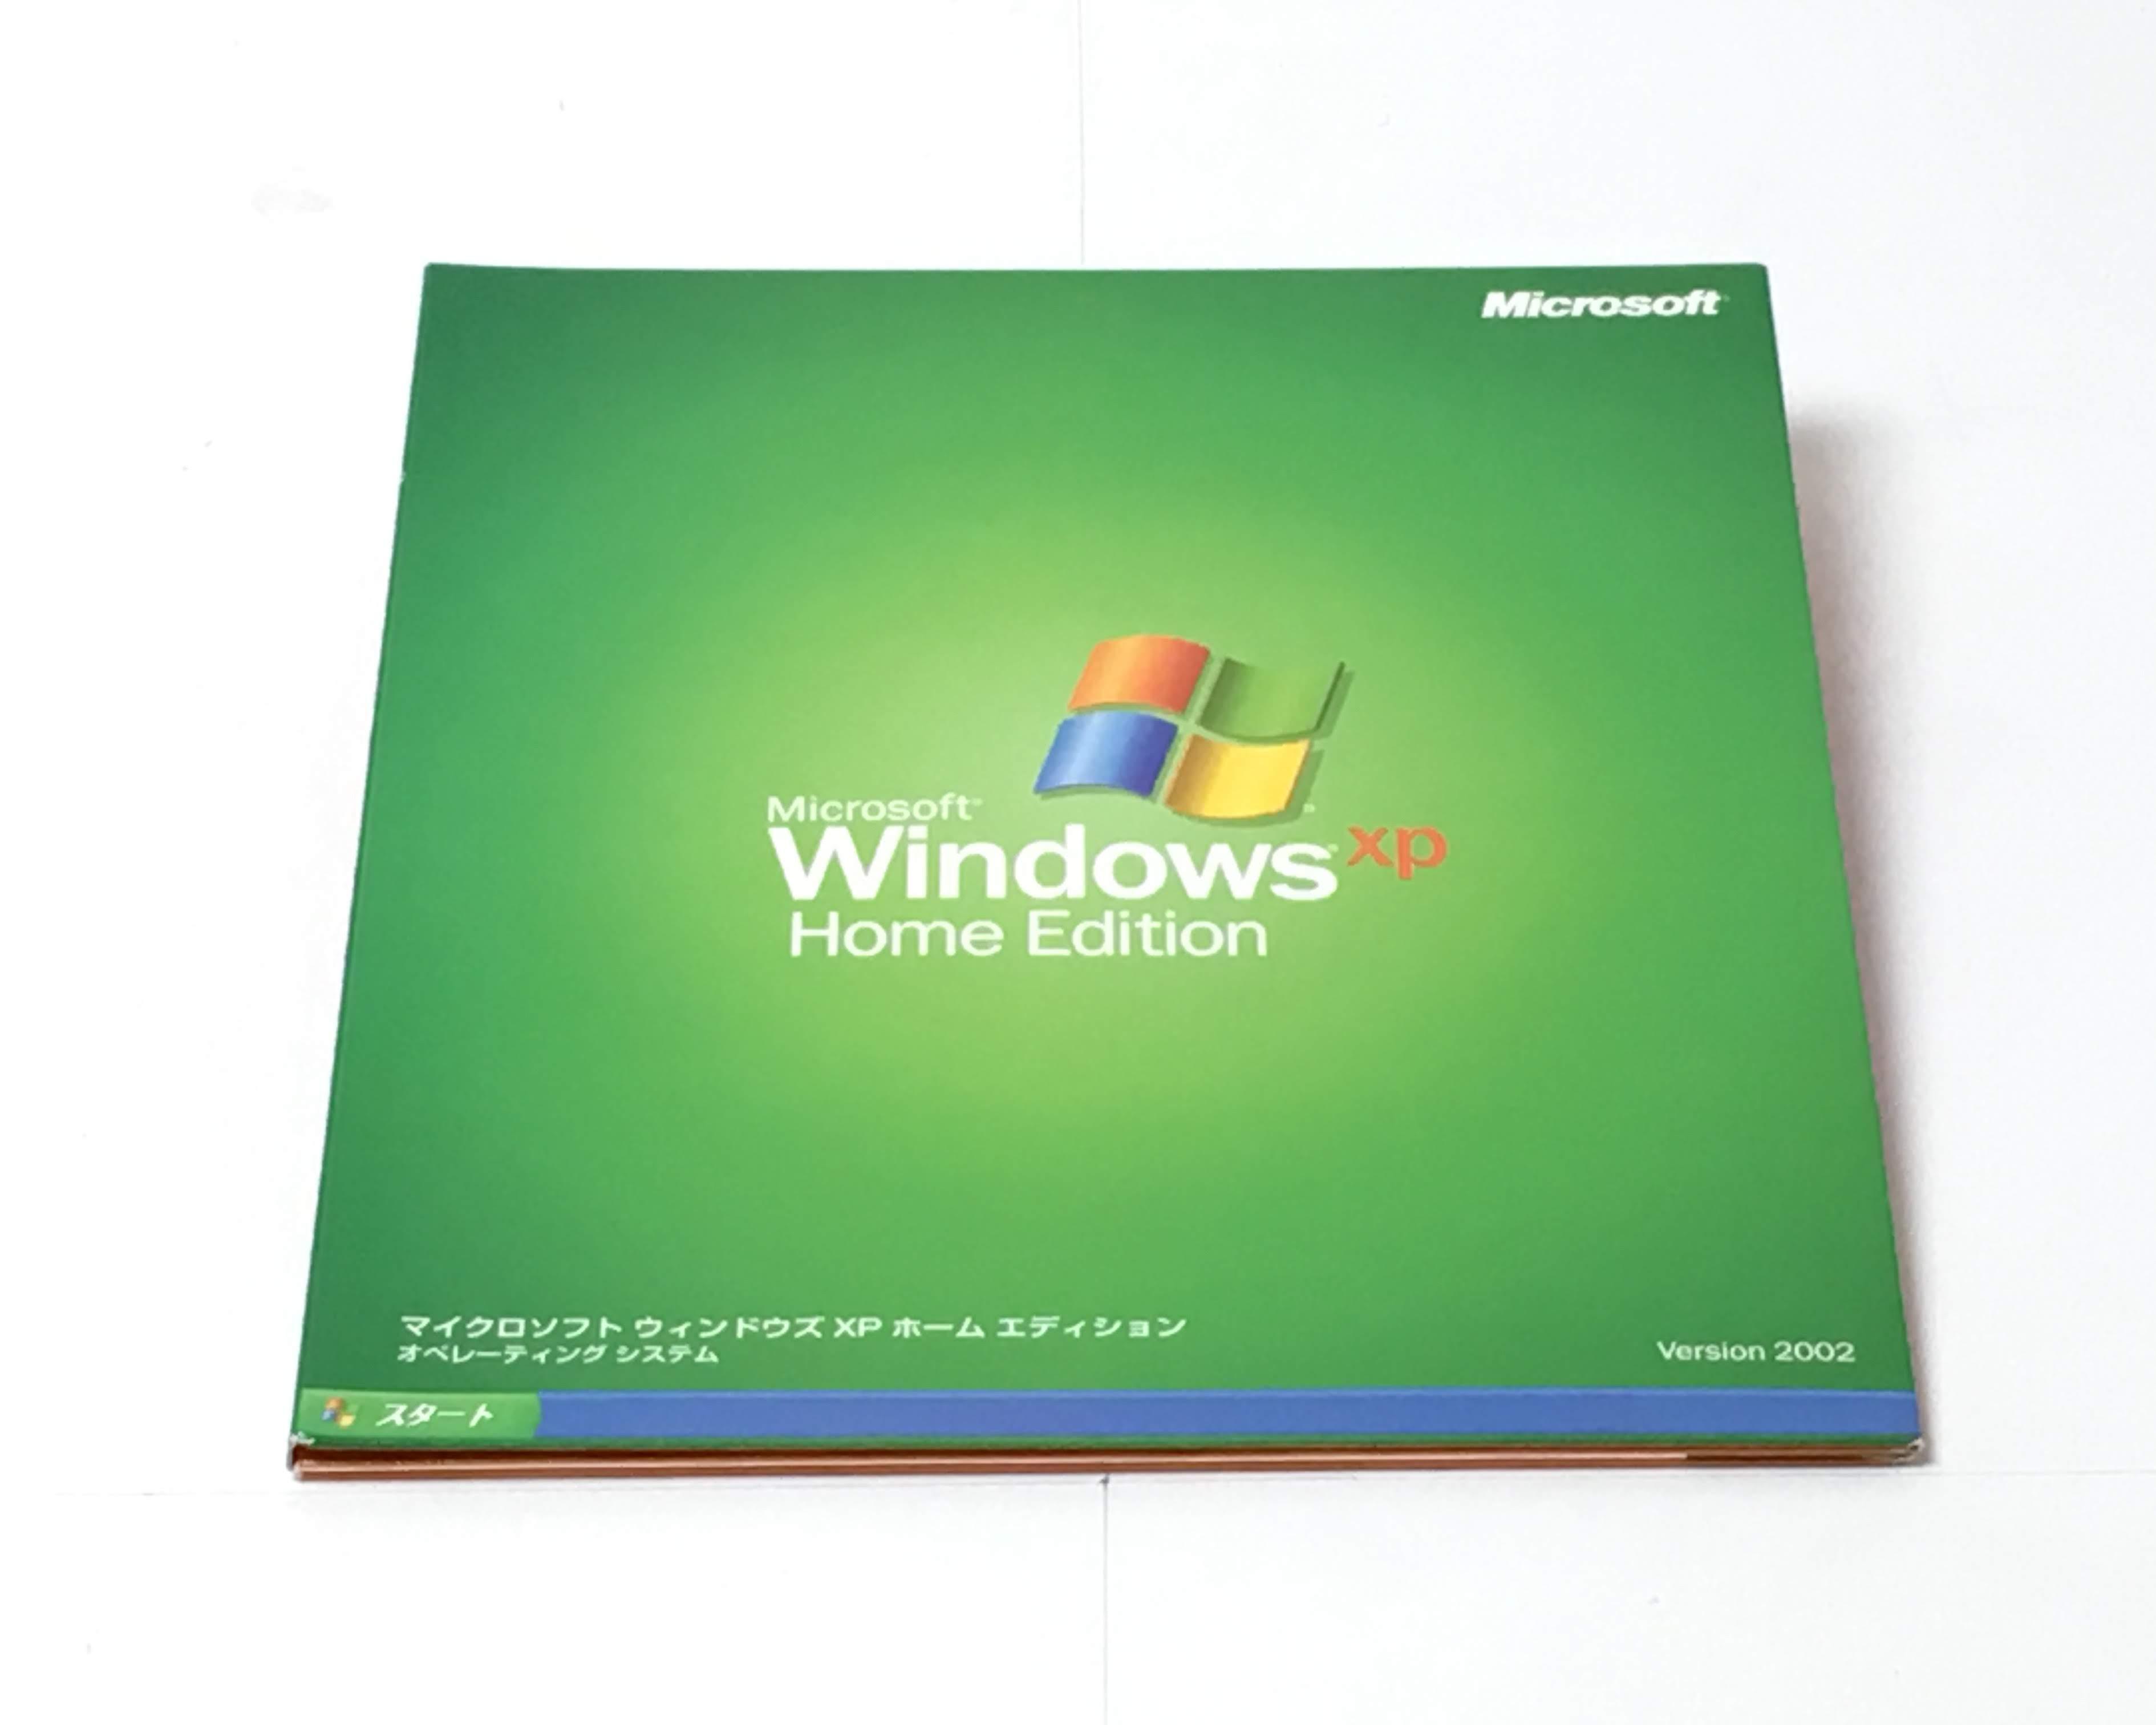 【お買い得中古品】Microsoft Windows XP Home Edition Service Pack 2 通常版 メイン画像